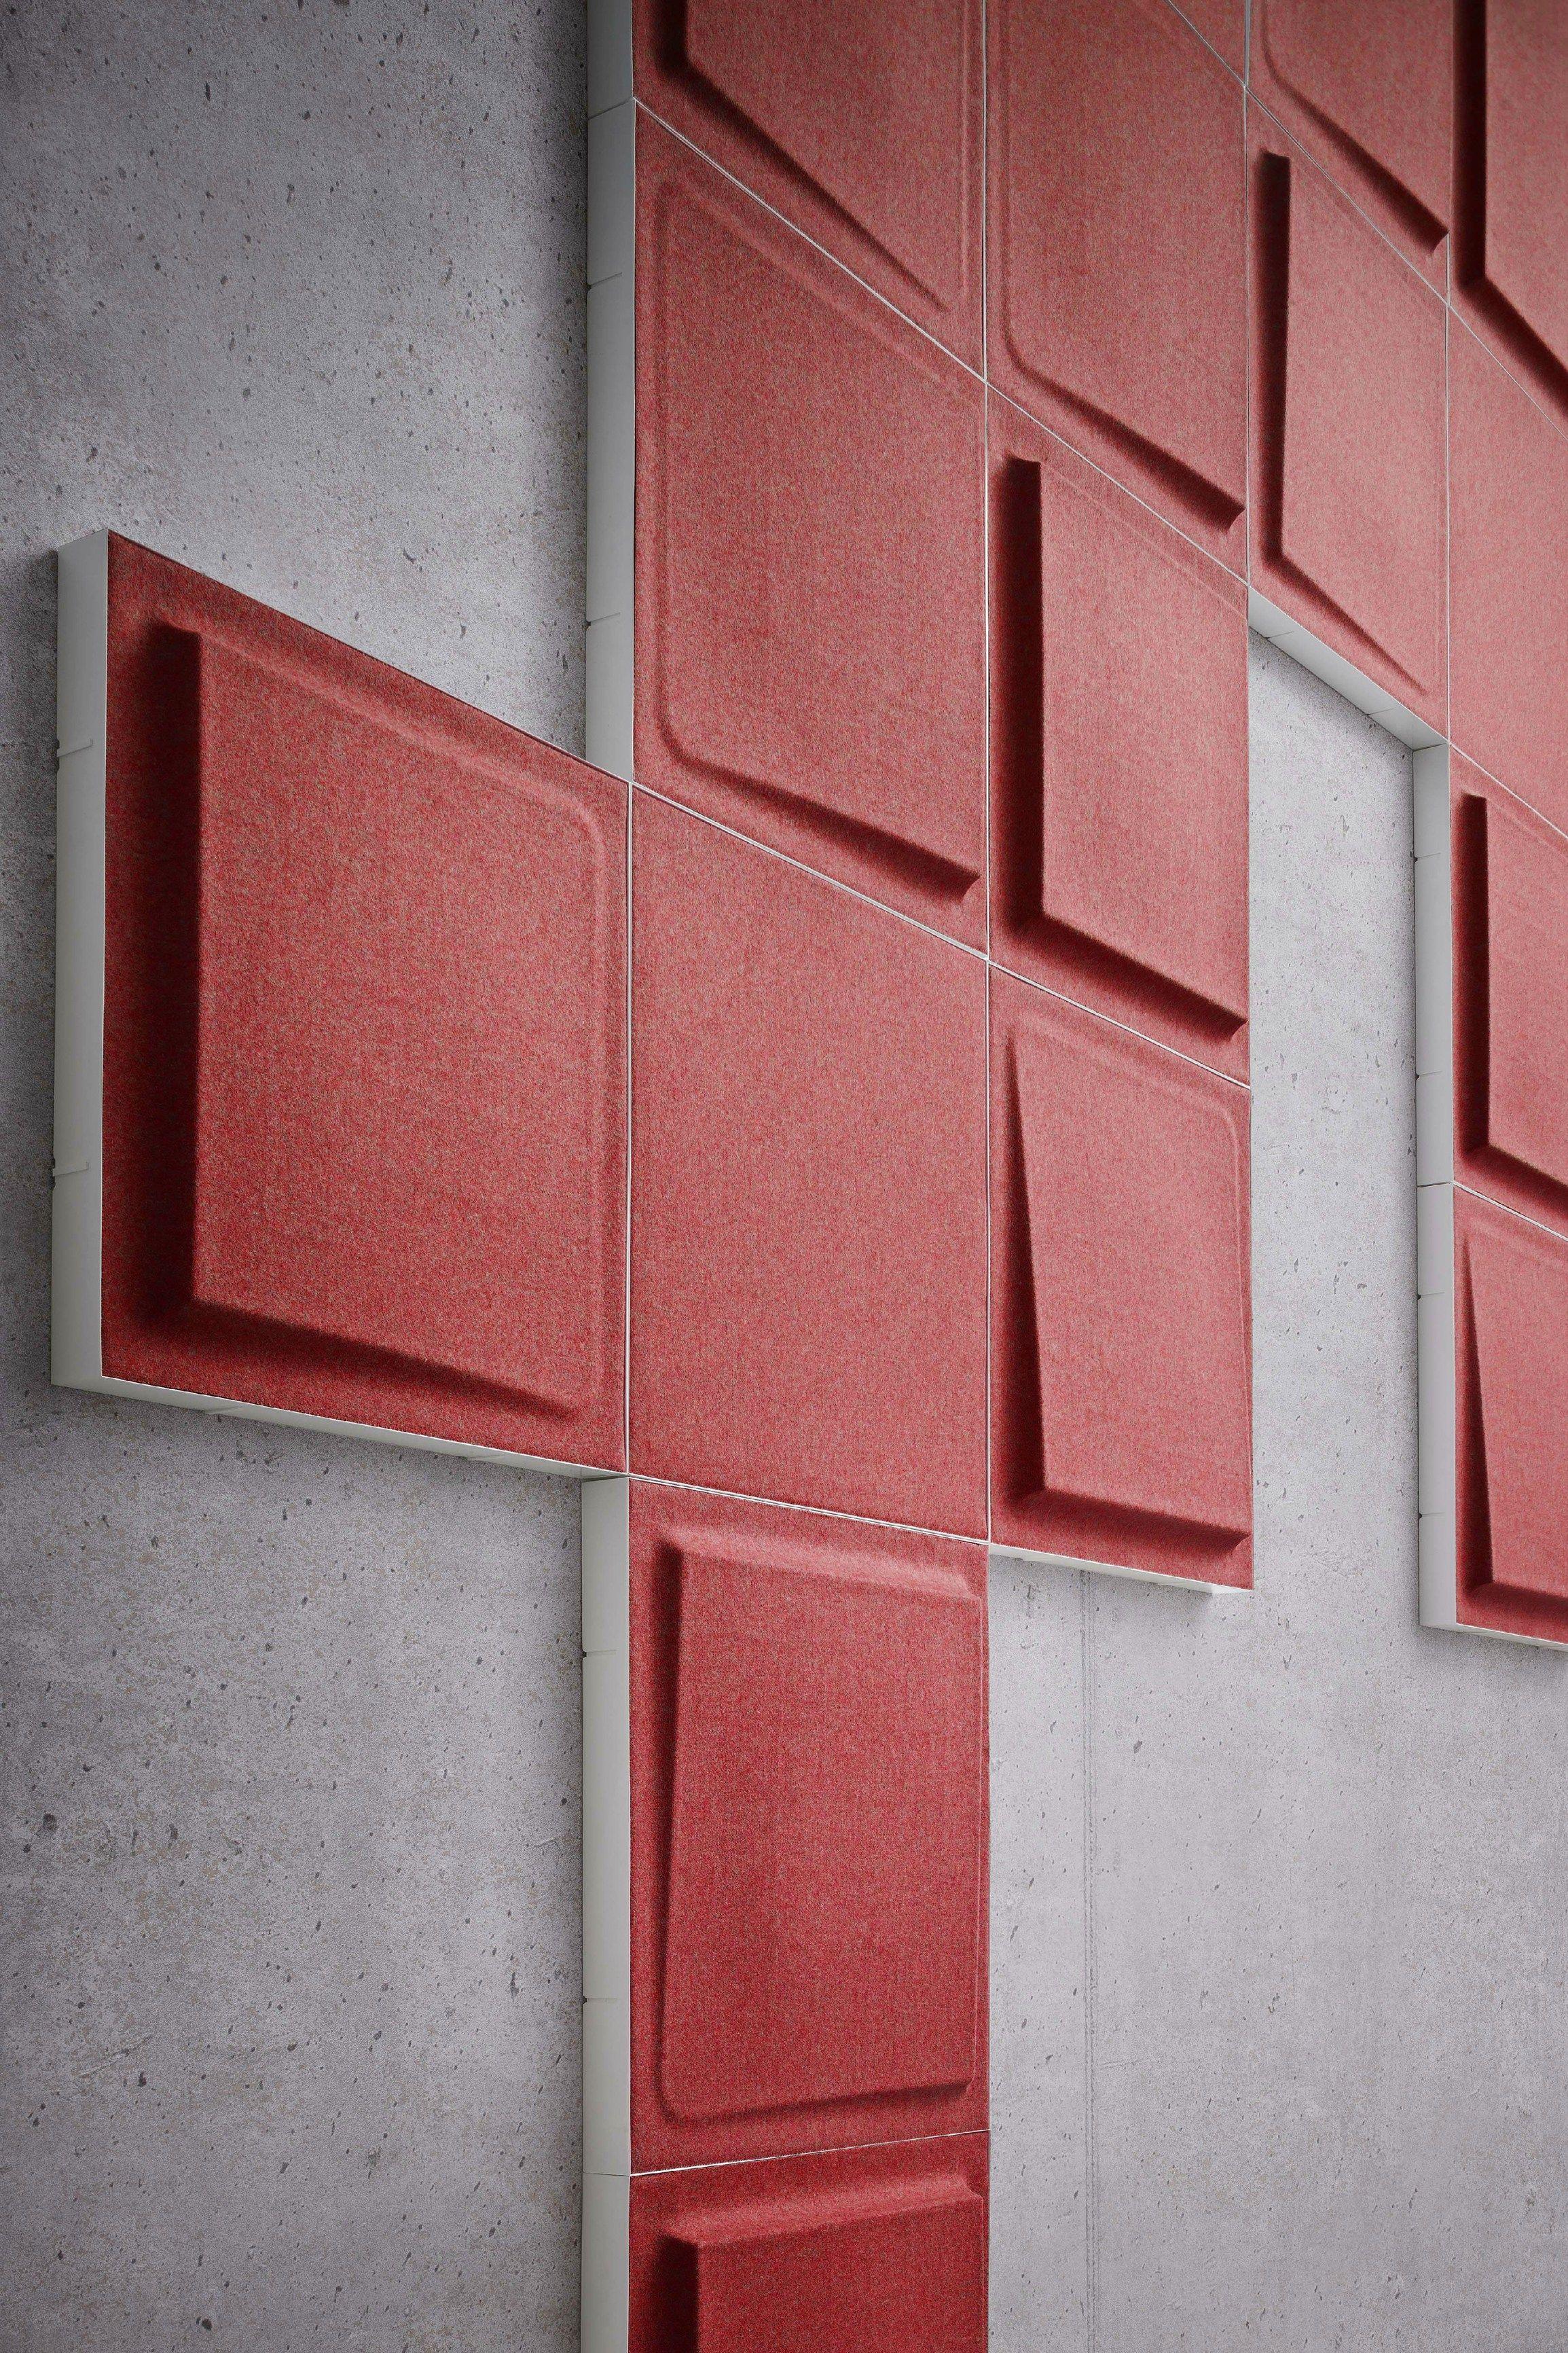 Pannelli decorativi acustici fono by gaber design marc sadler - Pannelli decorativi 3d ...